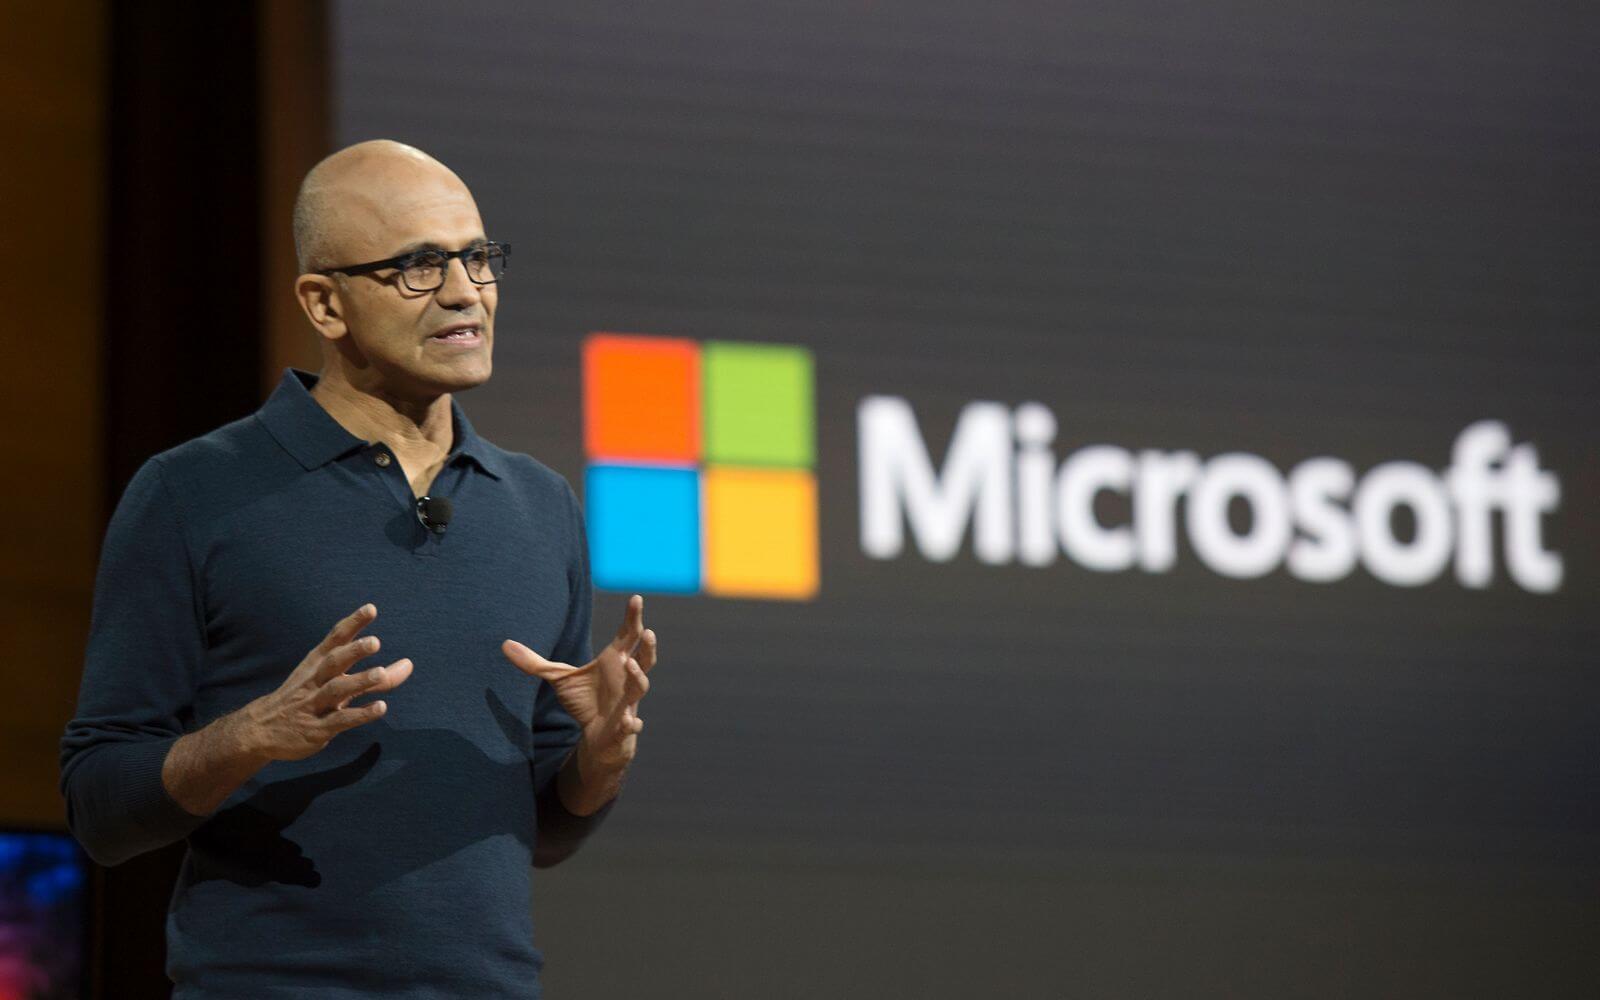 Microsoft больше не будет получать миллиарды долларов от Android-производителей